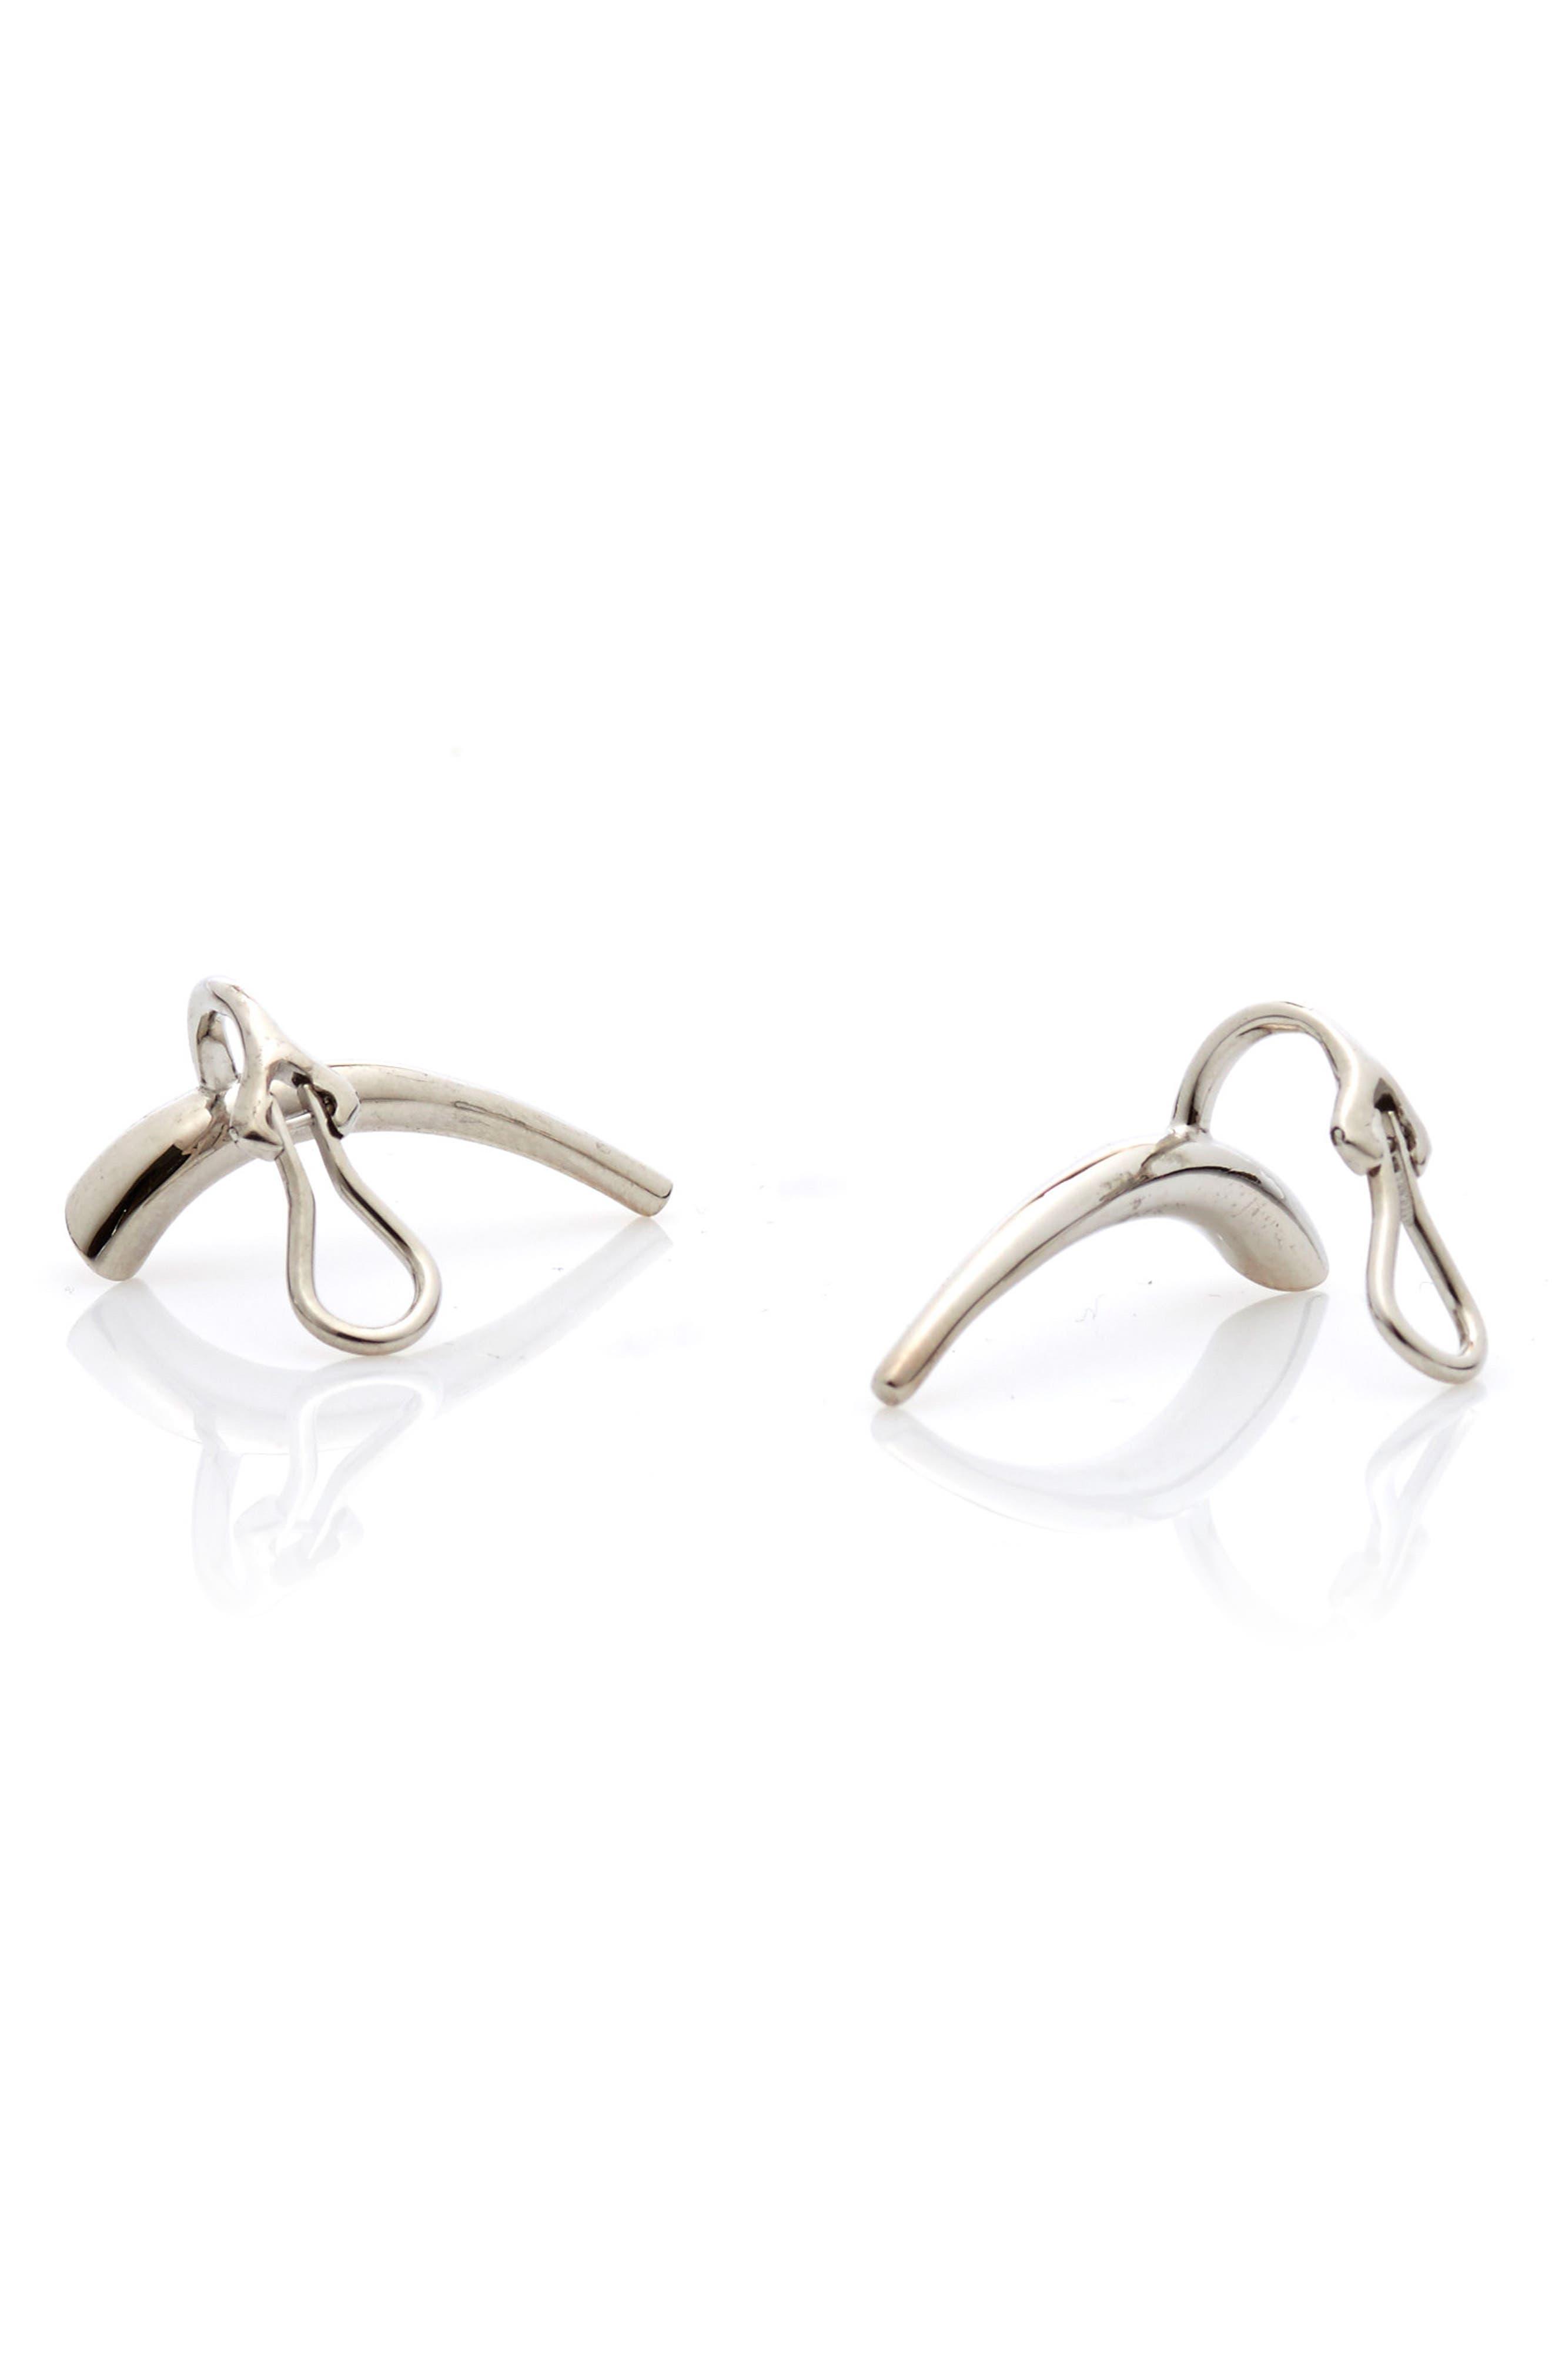 Charlotte Chesnais Helix Silver Ear Cuffs